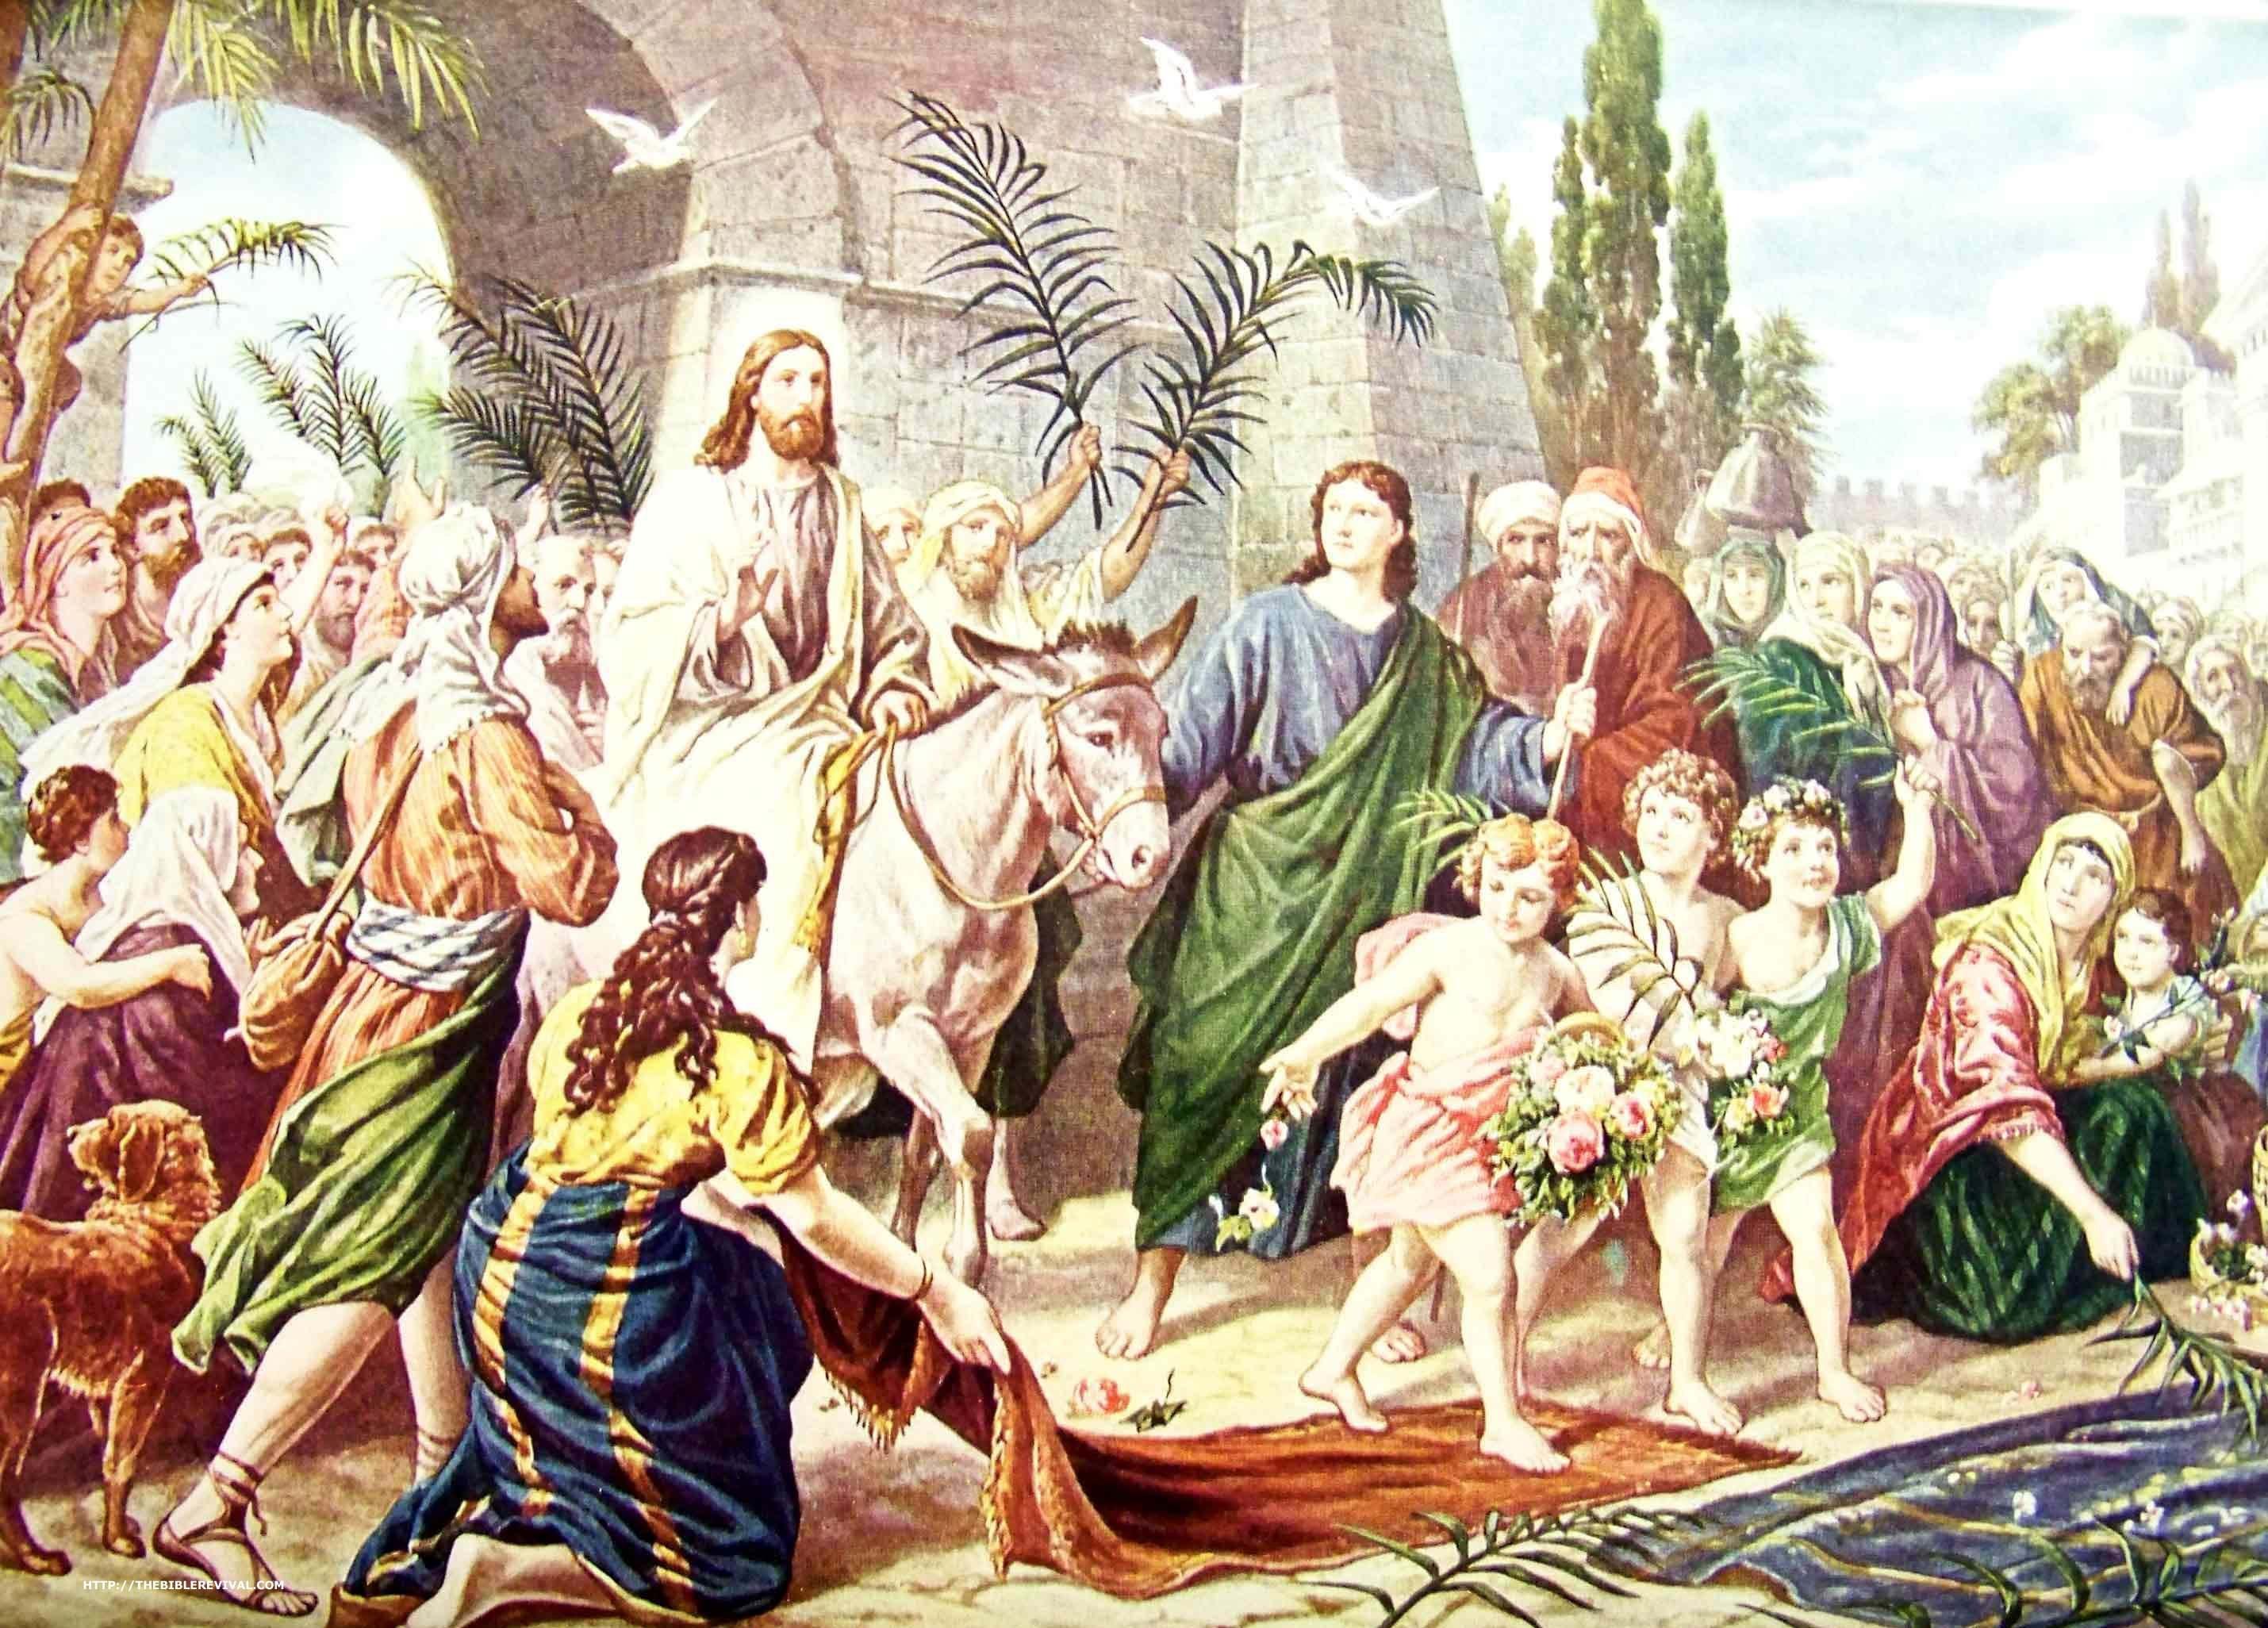 иисус в иерусалиме картинка лаваша начинкой